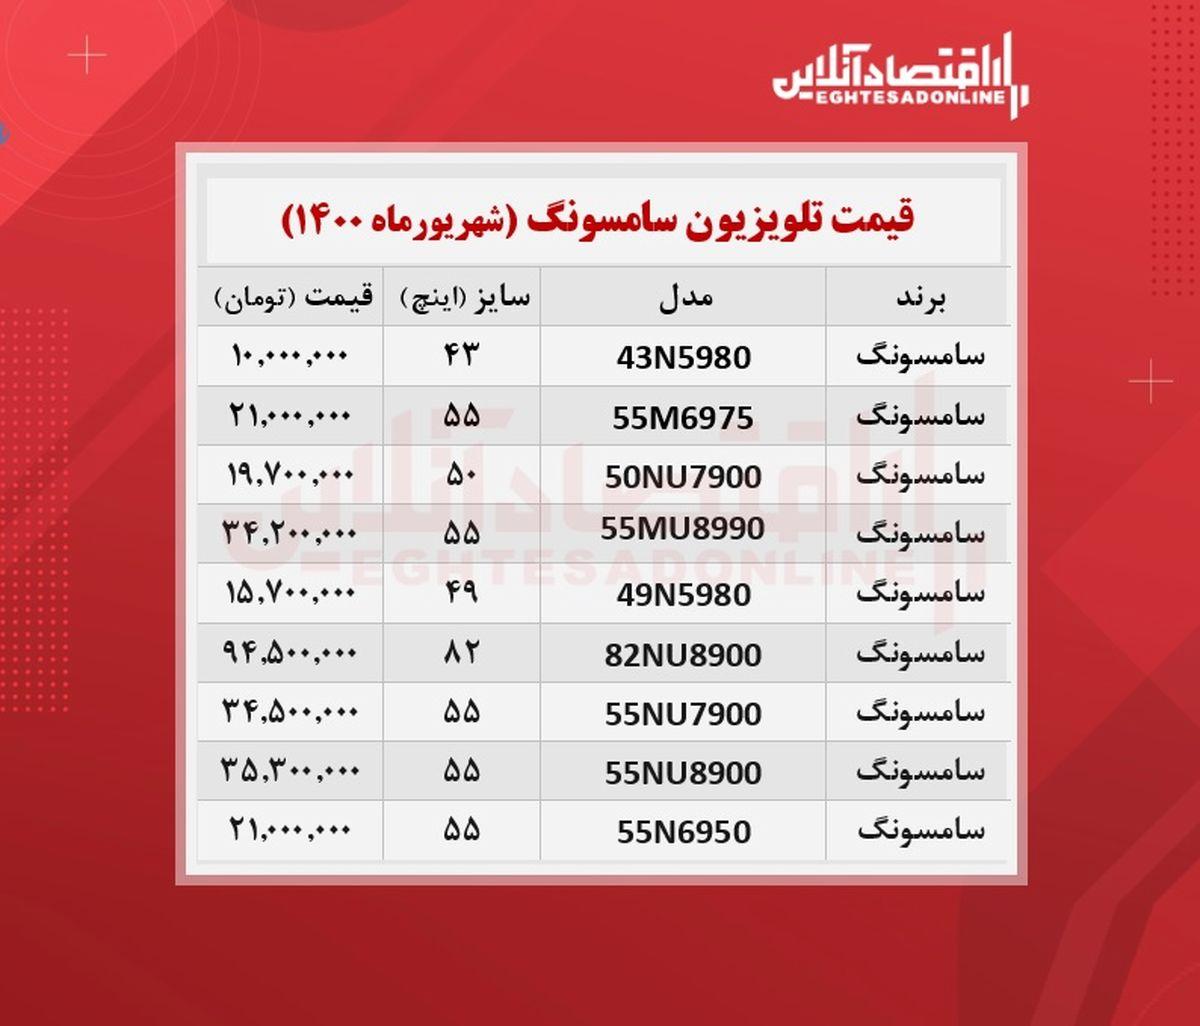 قیمت تلویزیون سامسونگ / ۲۱شهریورماه